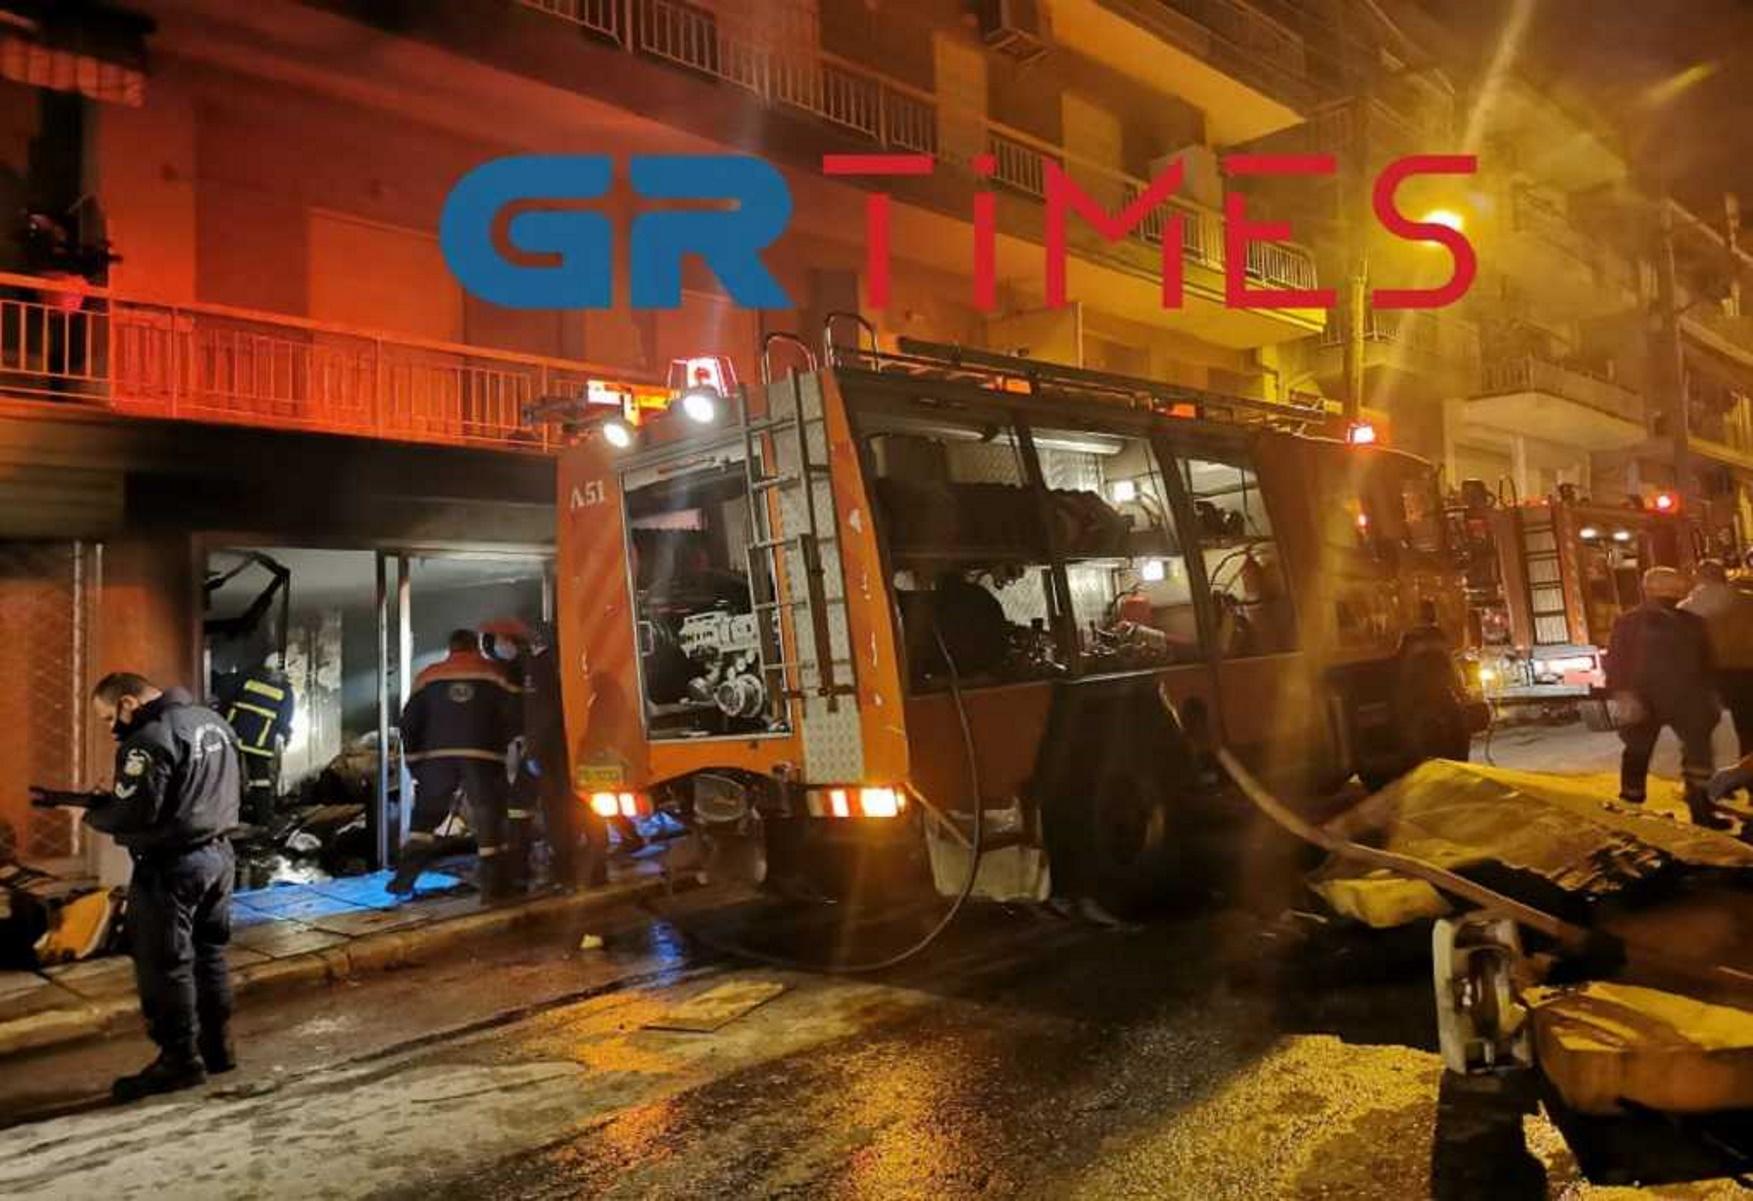 Θεσσαλονίκη: Φωτιά σε κατάστημα – Νεκρός άνδρας (pics, video)